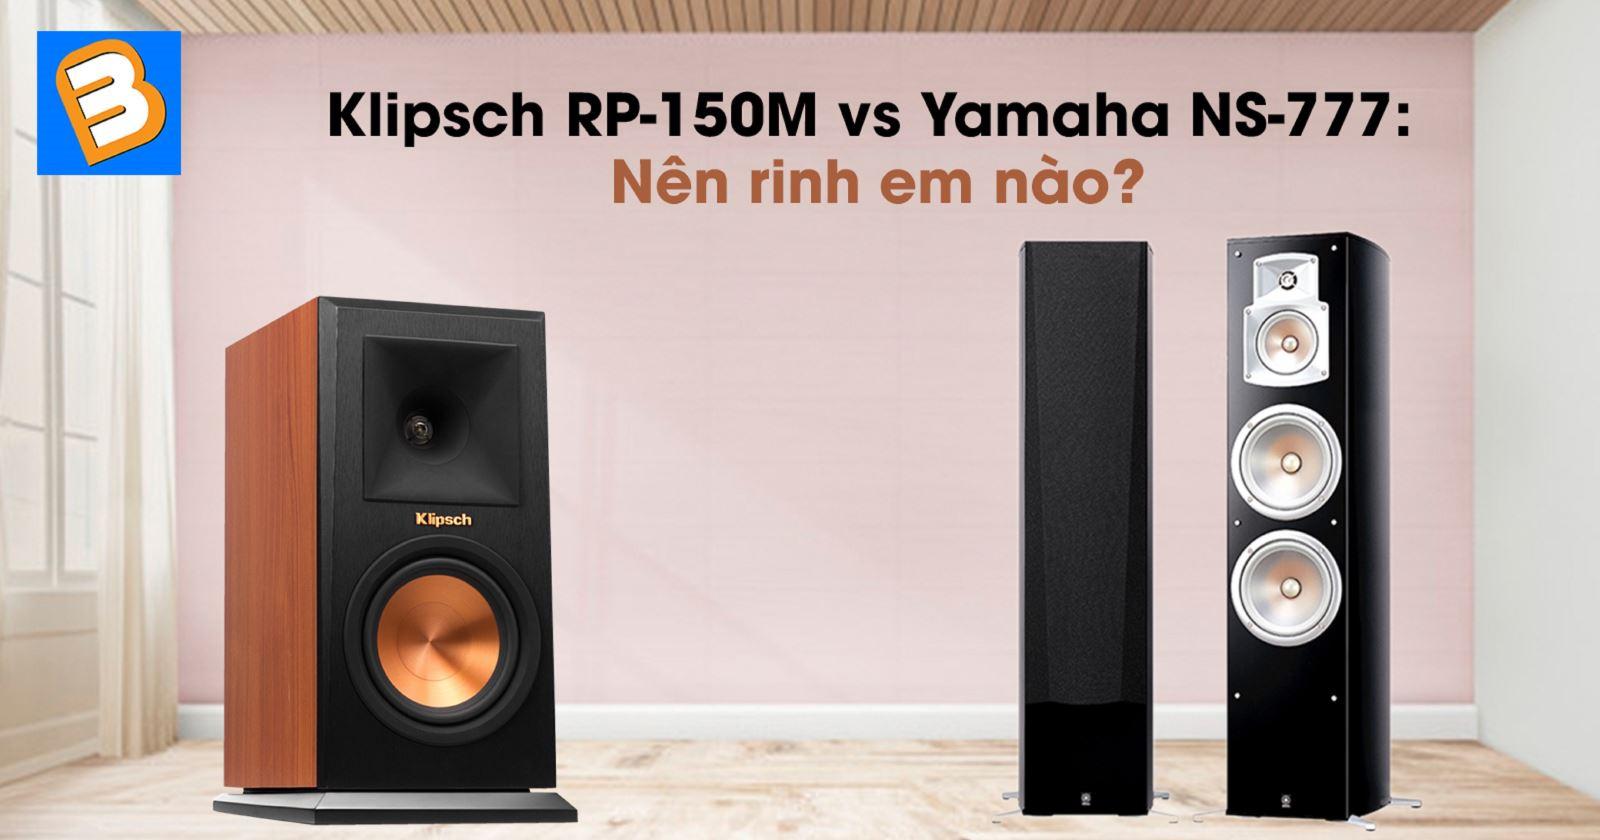 Klipsch RP-150M vsYamaha NS-777: Nên rinh em nào?